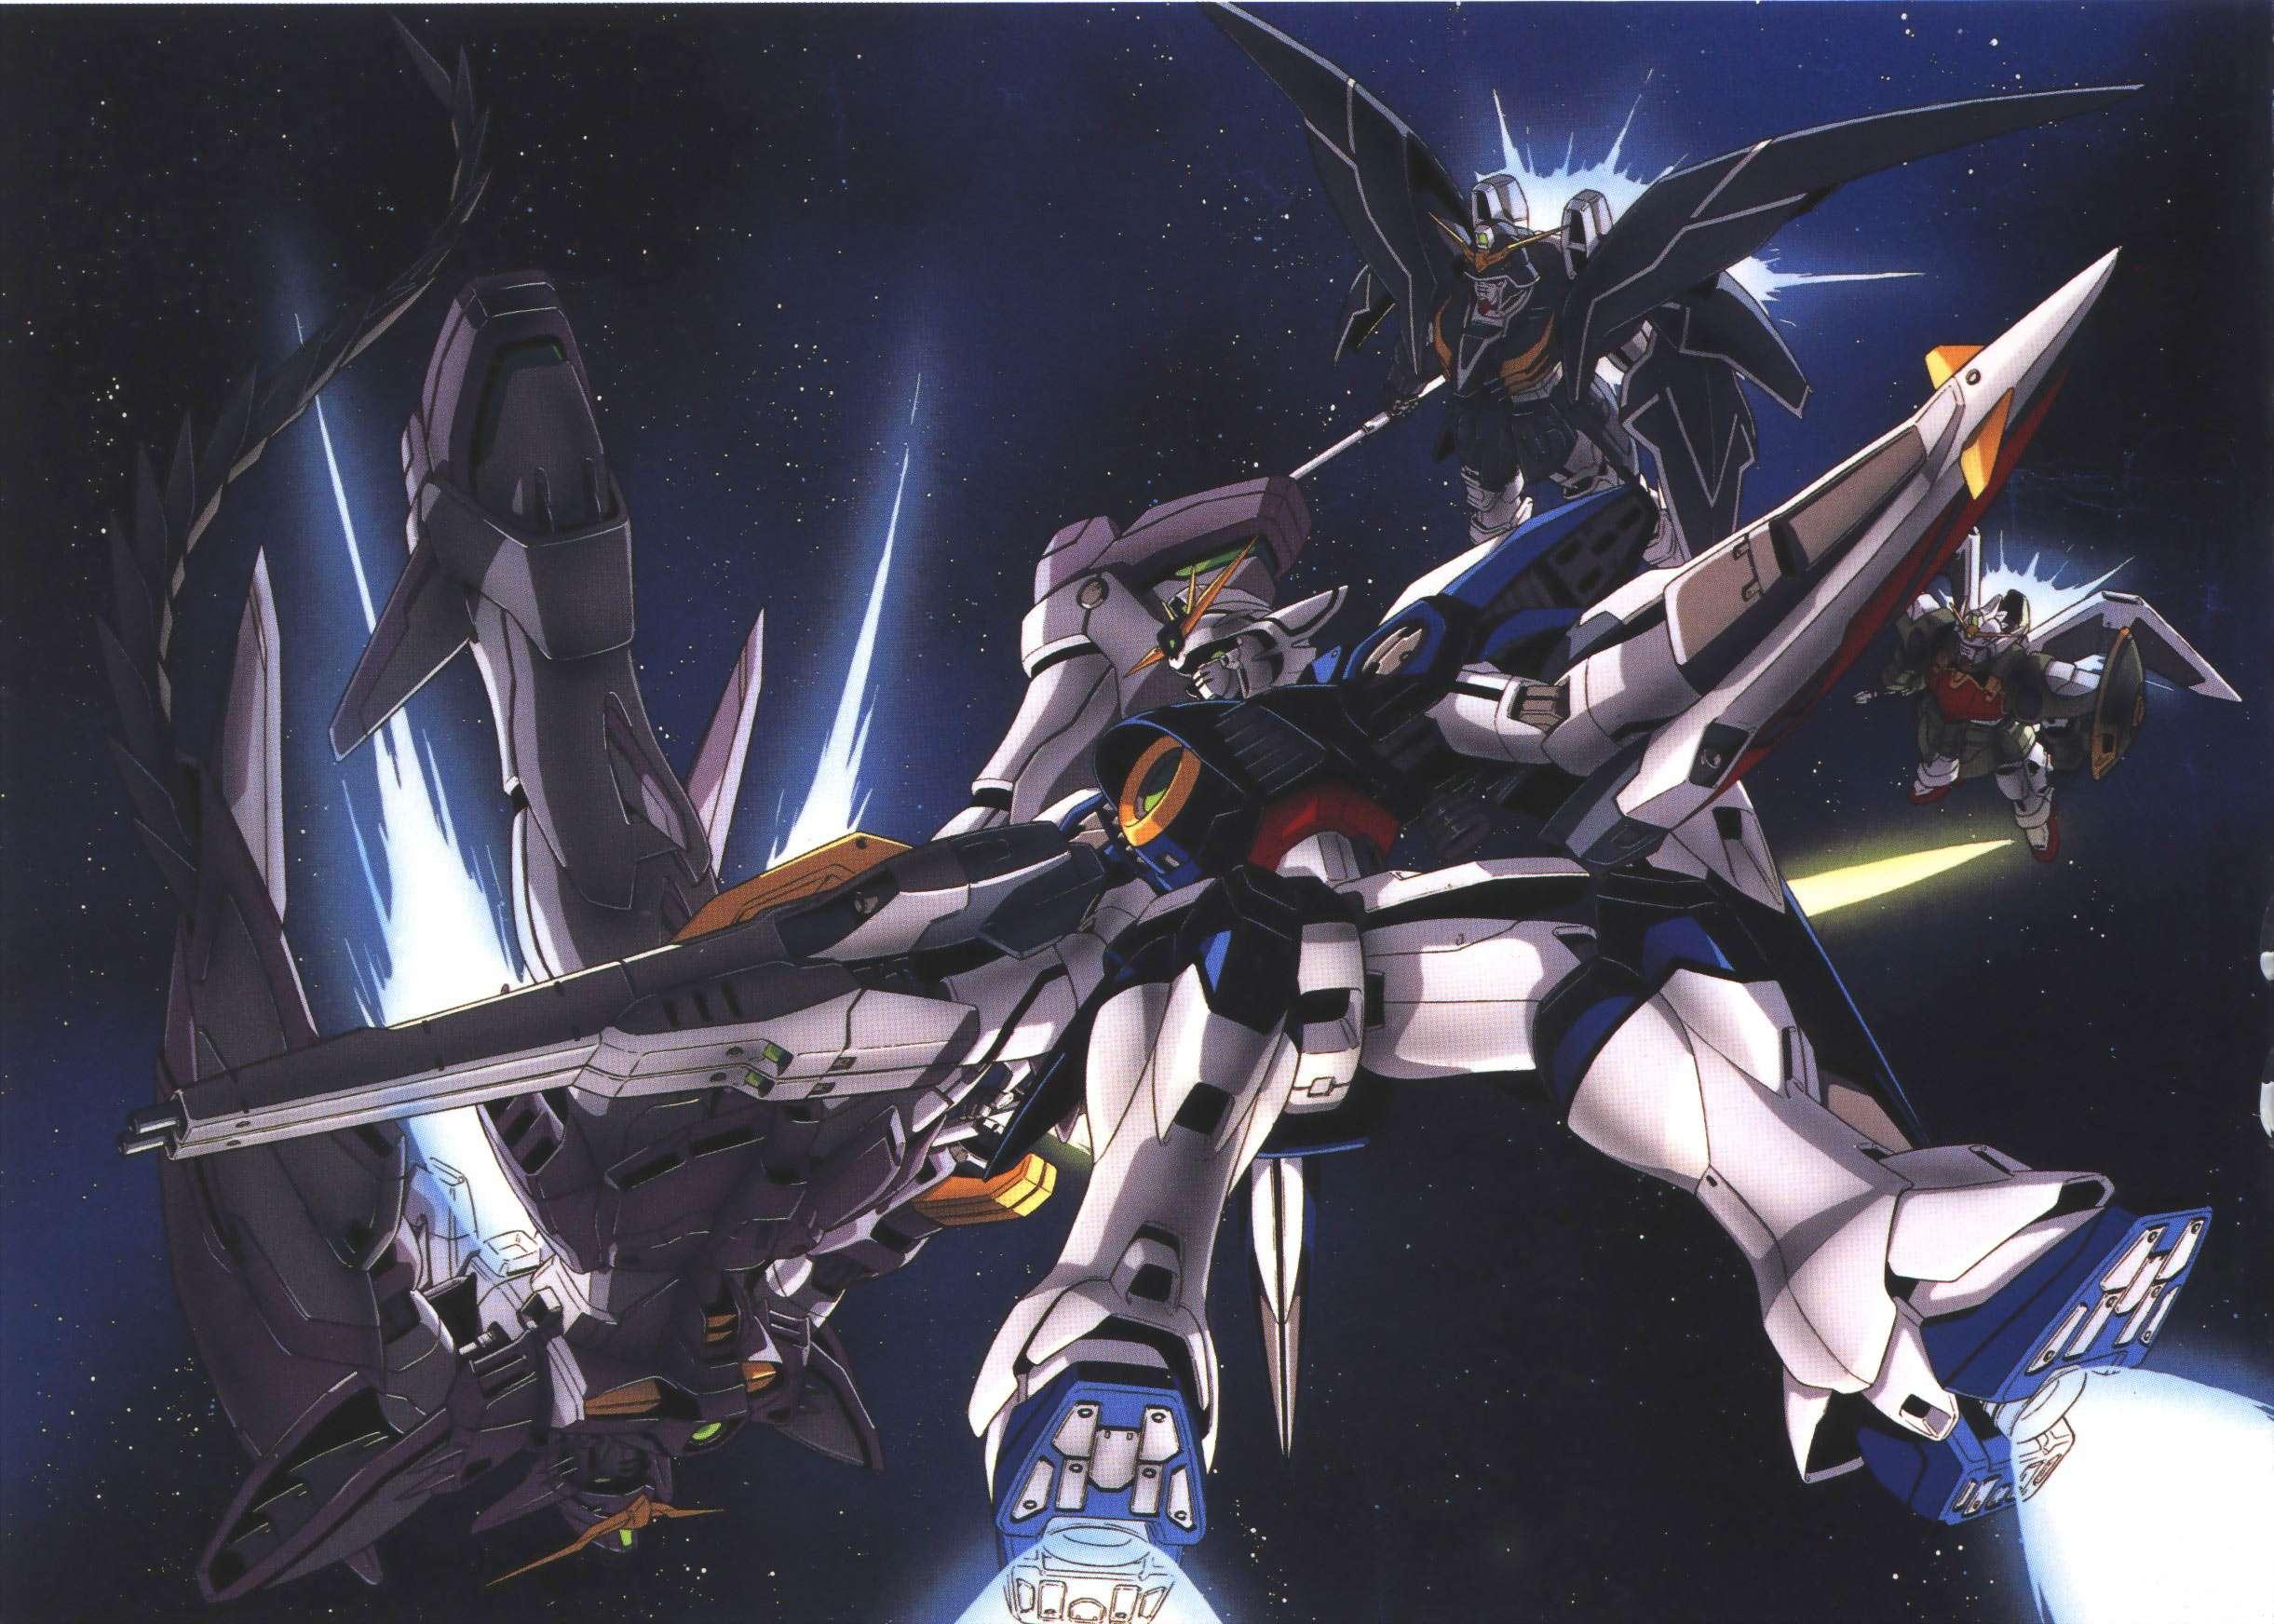 Gundam Wing Wallpaper 2442x1744 Gundam Wing 2442x1744